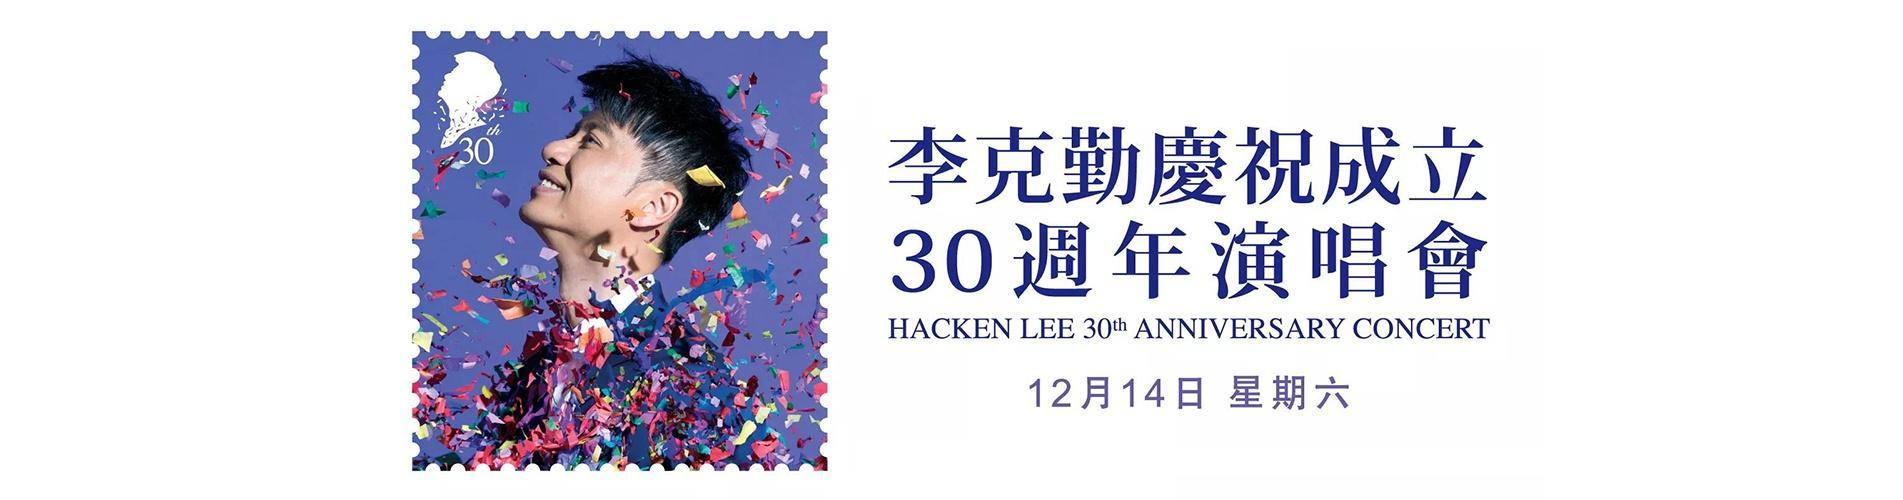 李克勤慶祝成立30週年演唱會 - 澳門站